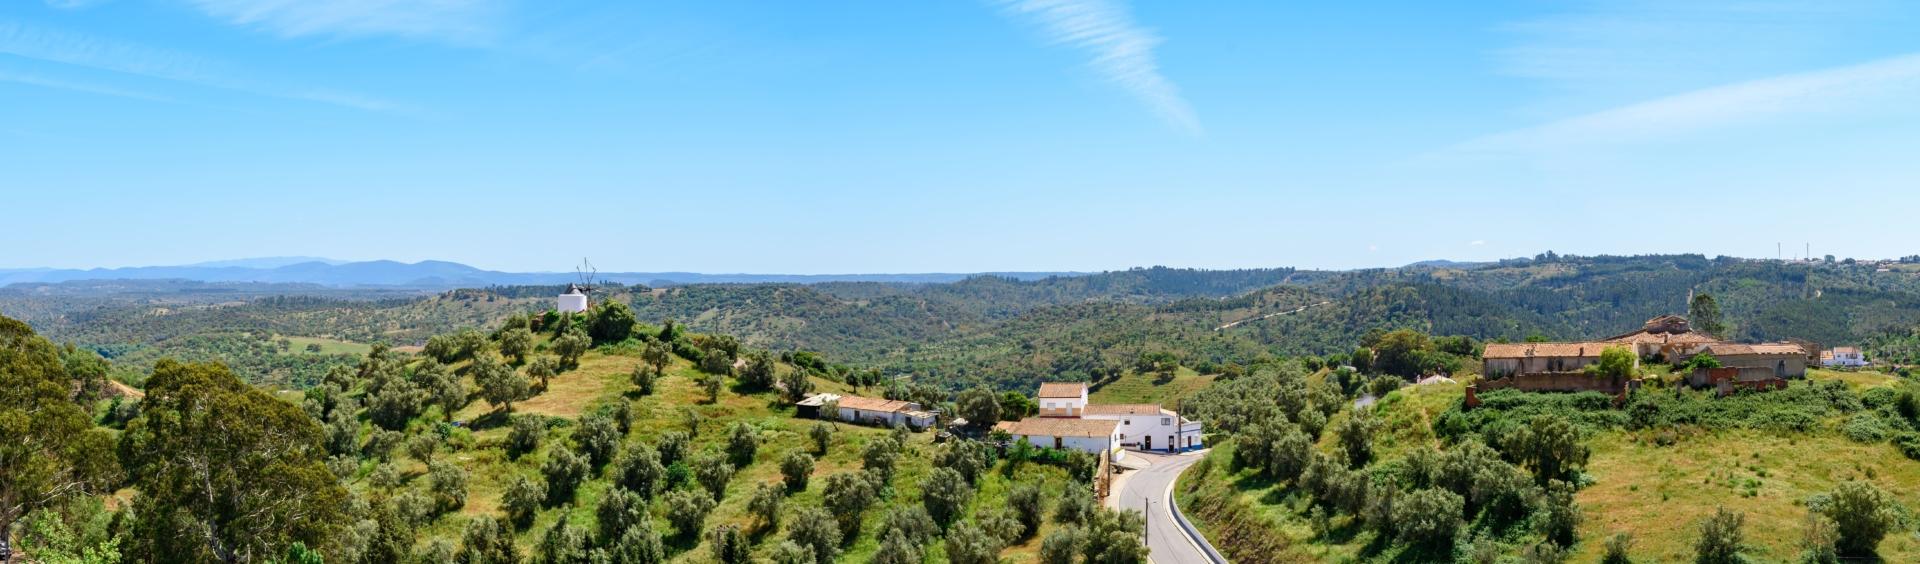 Panorama sur le paysage verdoyant de l'Alentejo et ses maisons blanches